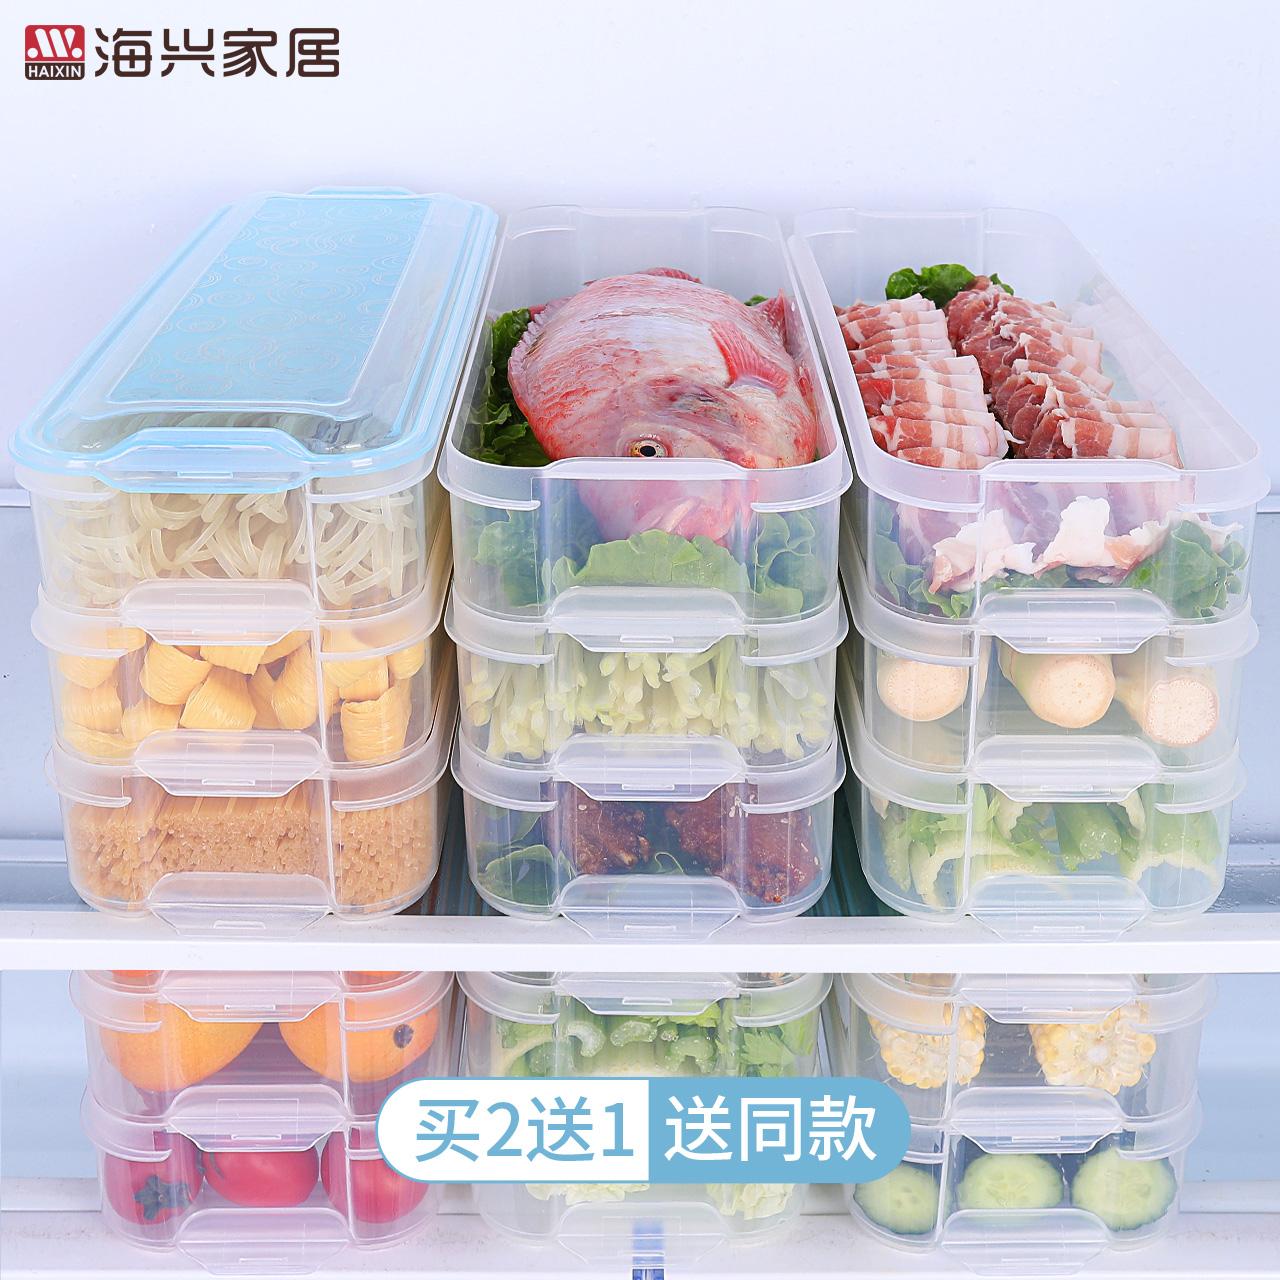 冰箱儲物盒收納盒雞蛋盒餛飩餃子盒整理盒子廚房麵條長方形保鮮盒